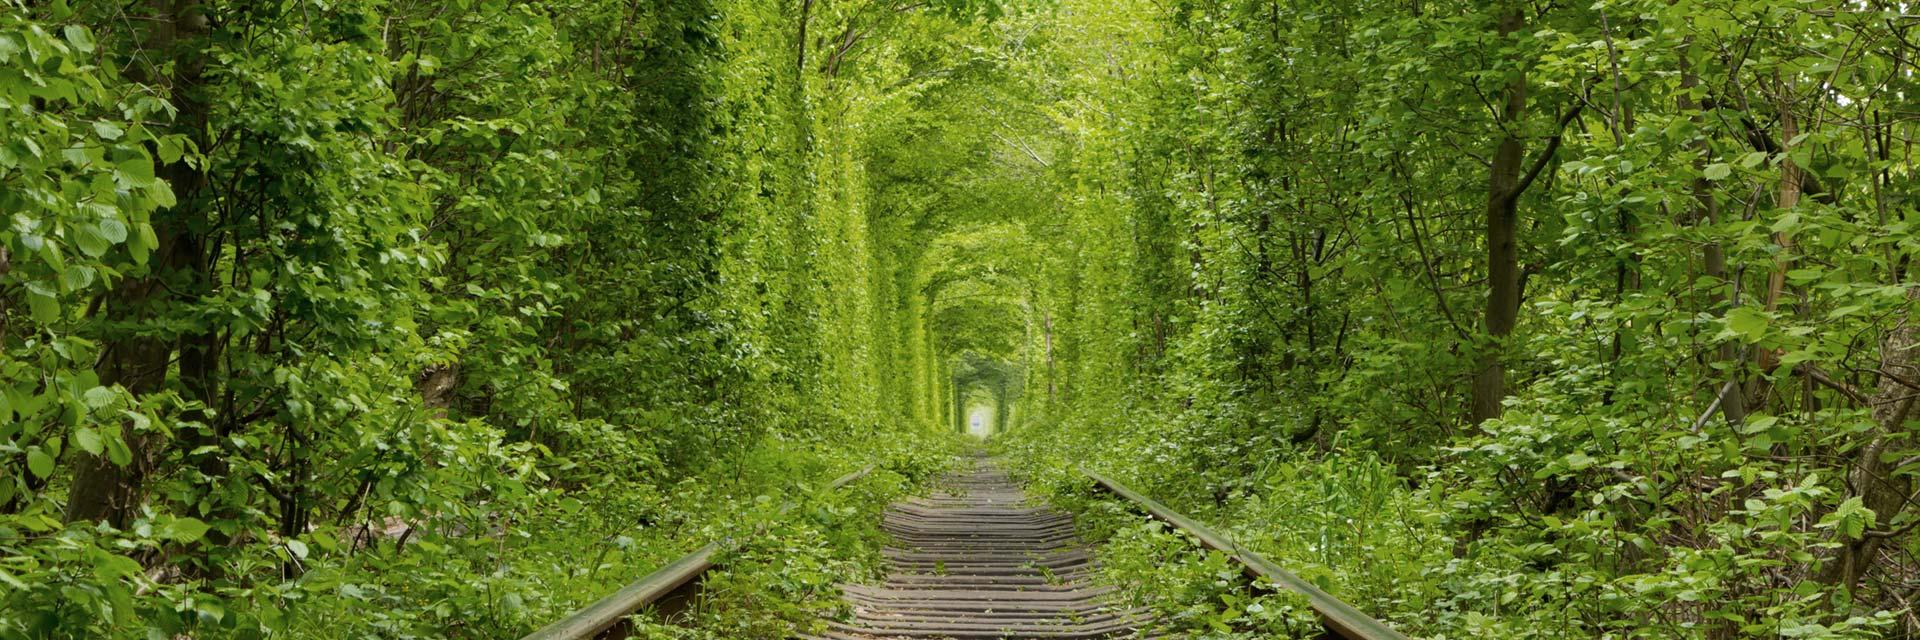 Konsultation ledarskap sälj business coach Hanna Plymouth illustrerat av järnvägsspår som försvinner in i grön tunnel av träd